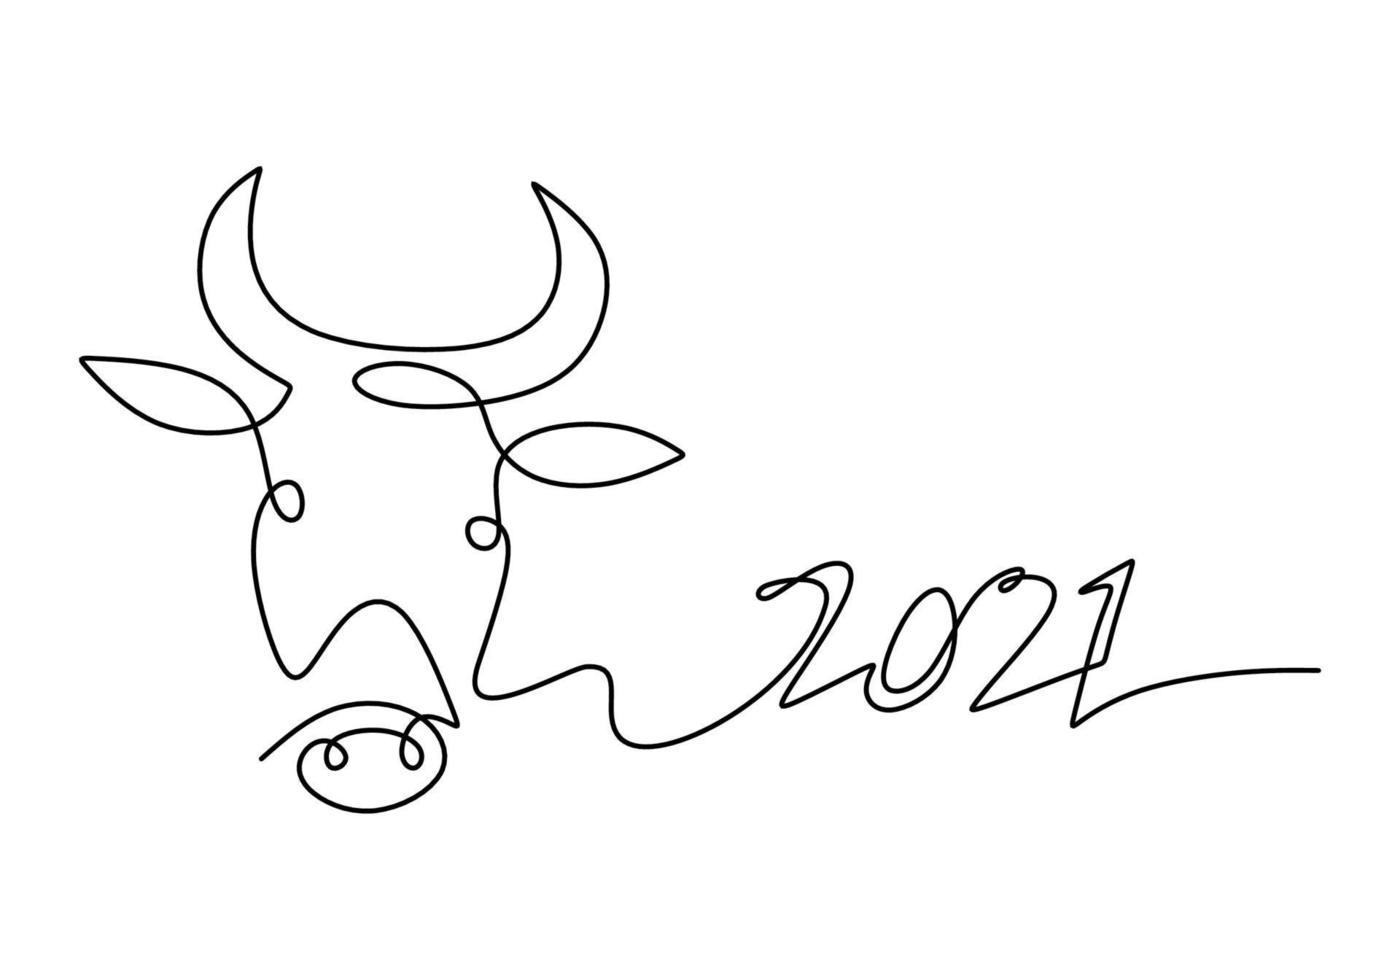 touro desenho de uma linha contínua. símbolo do ano novo de 2021. o conceito de força, confiança e confiabilidade isolado no fundo branco. feliz ano boi design minimalista simples vetor